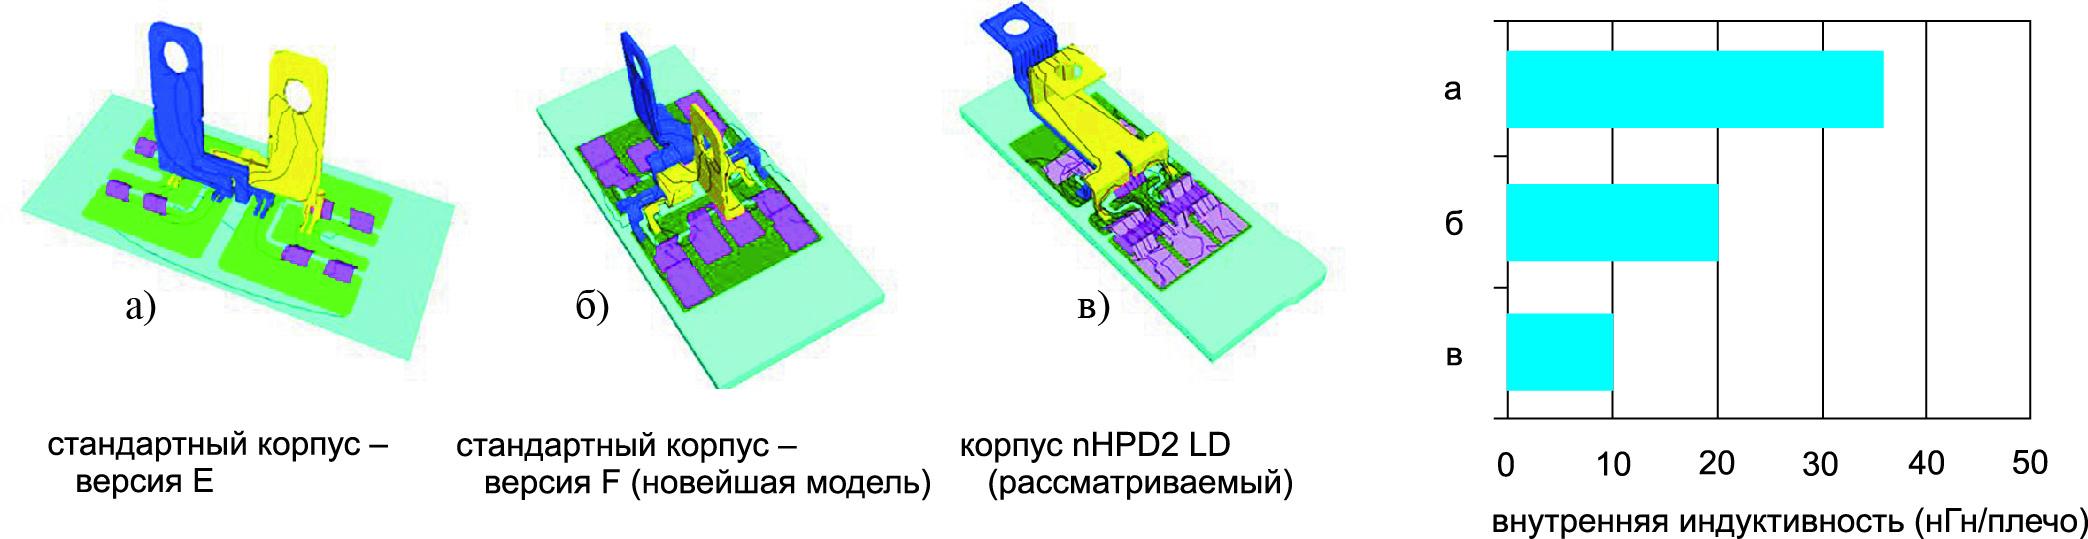 Электромагнитный анализ и измерение внутренней индуктивности